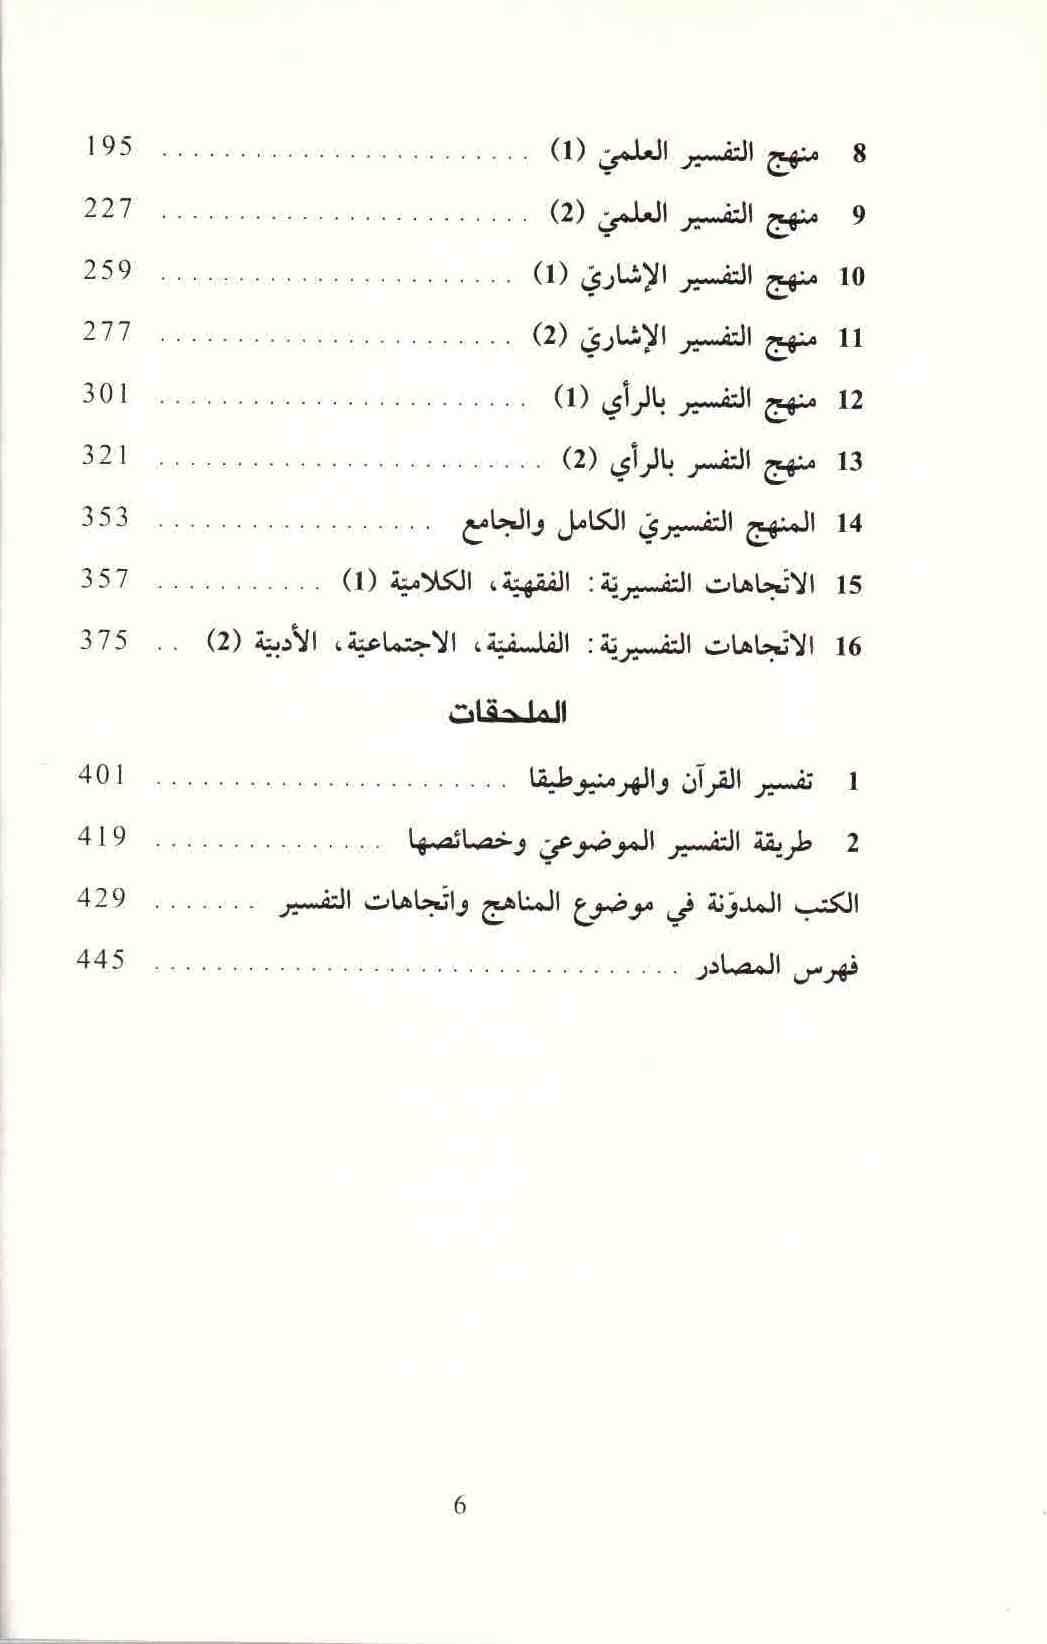 ص 6محتويات كتاب مناهج التفسير واتجاهاته